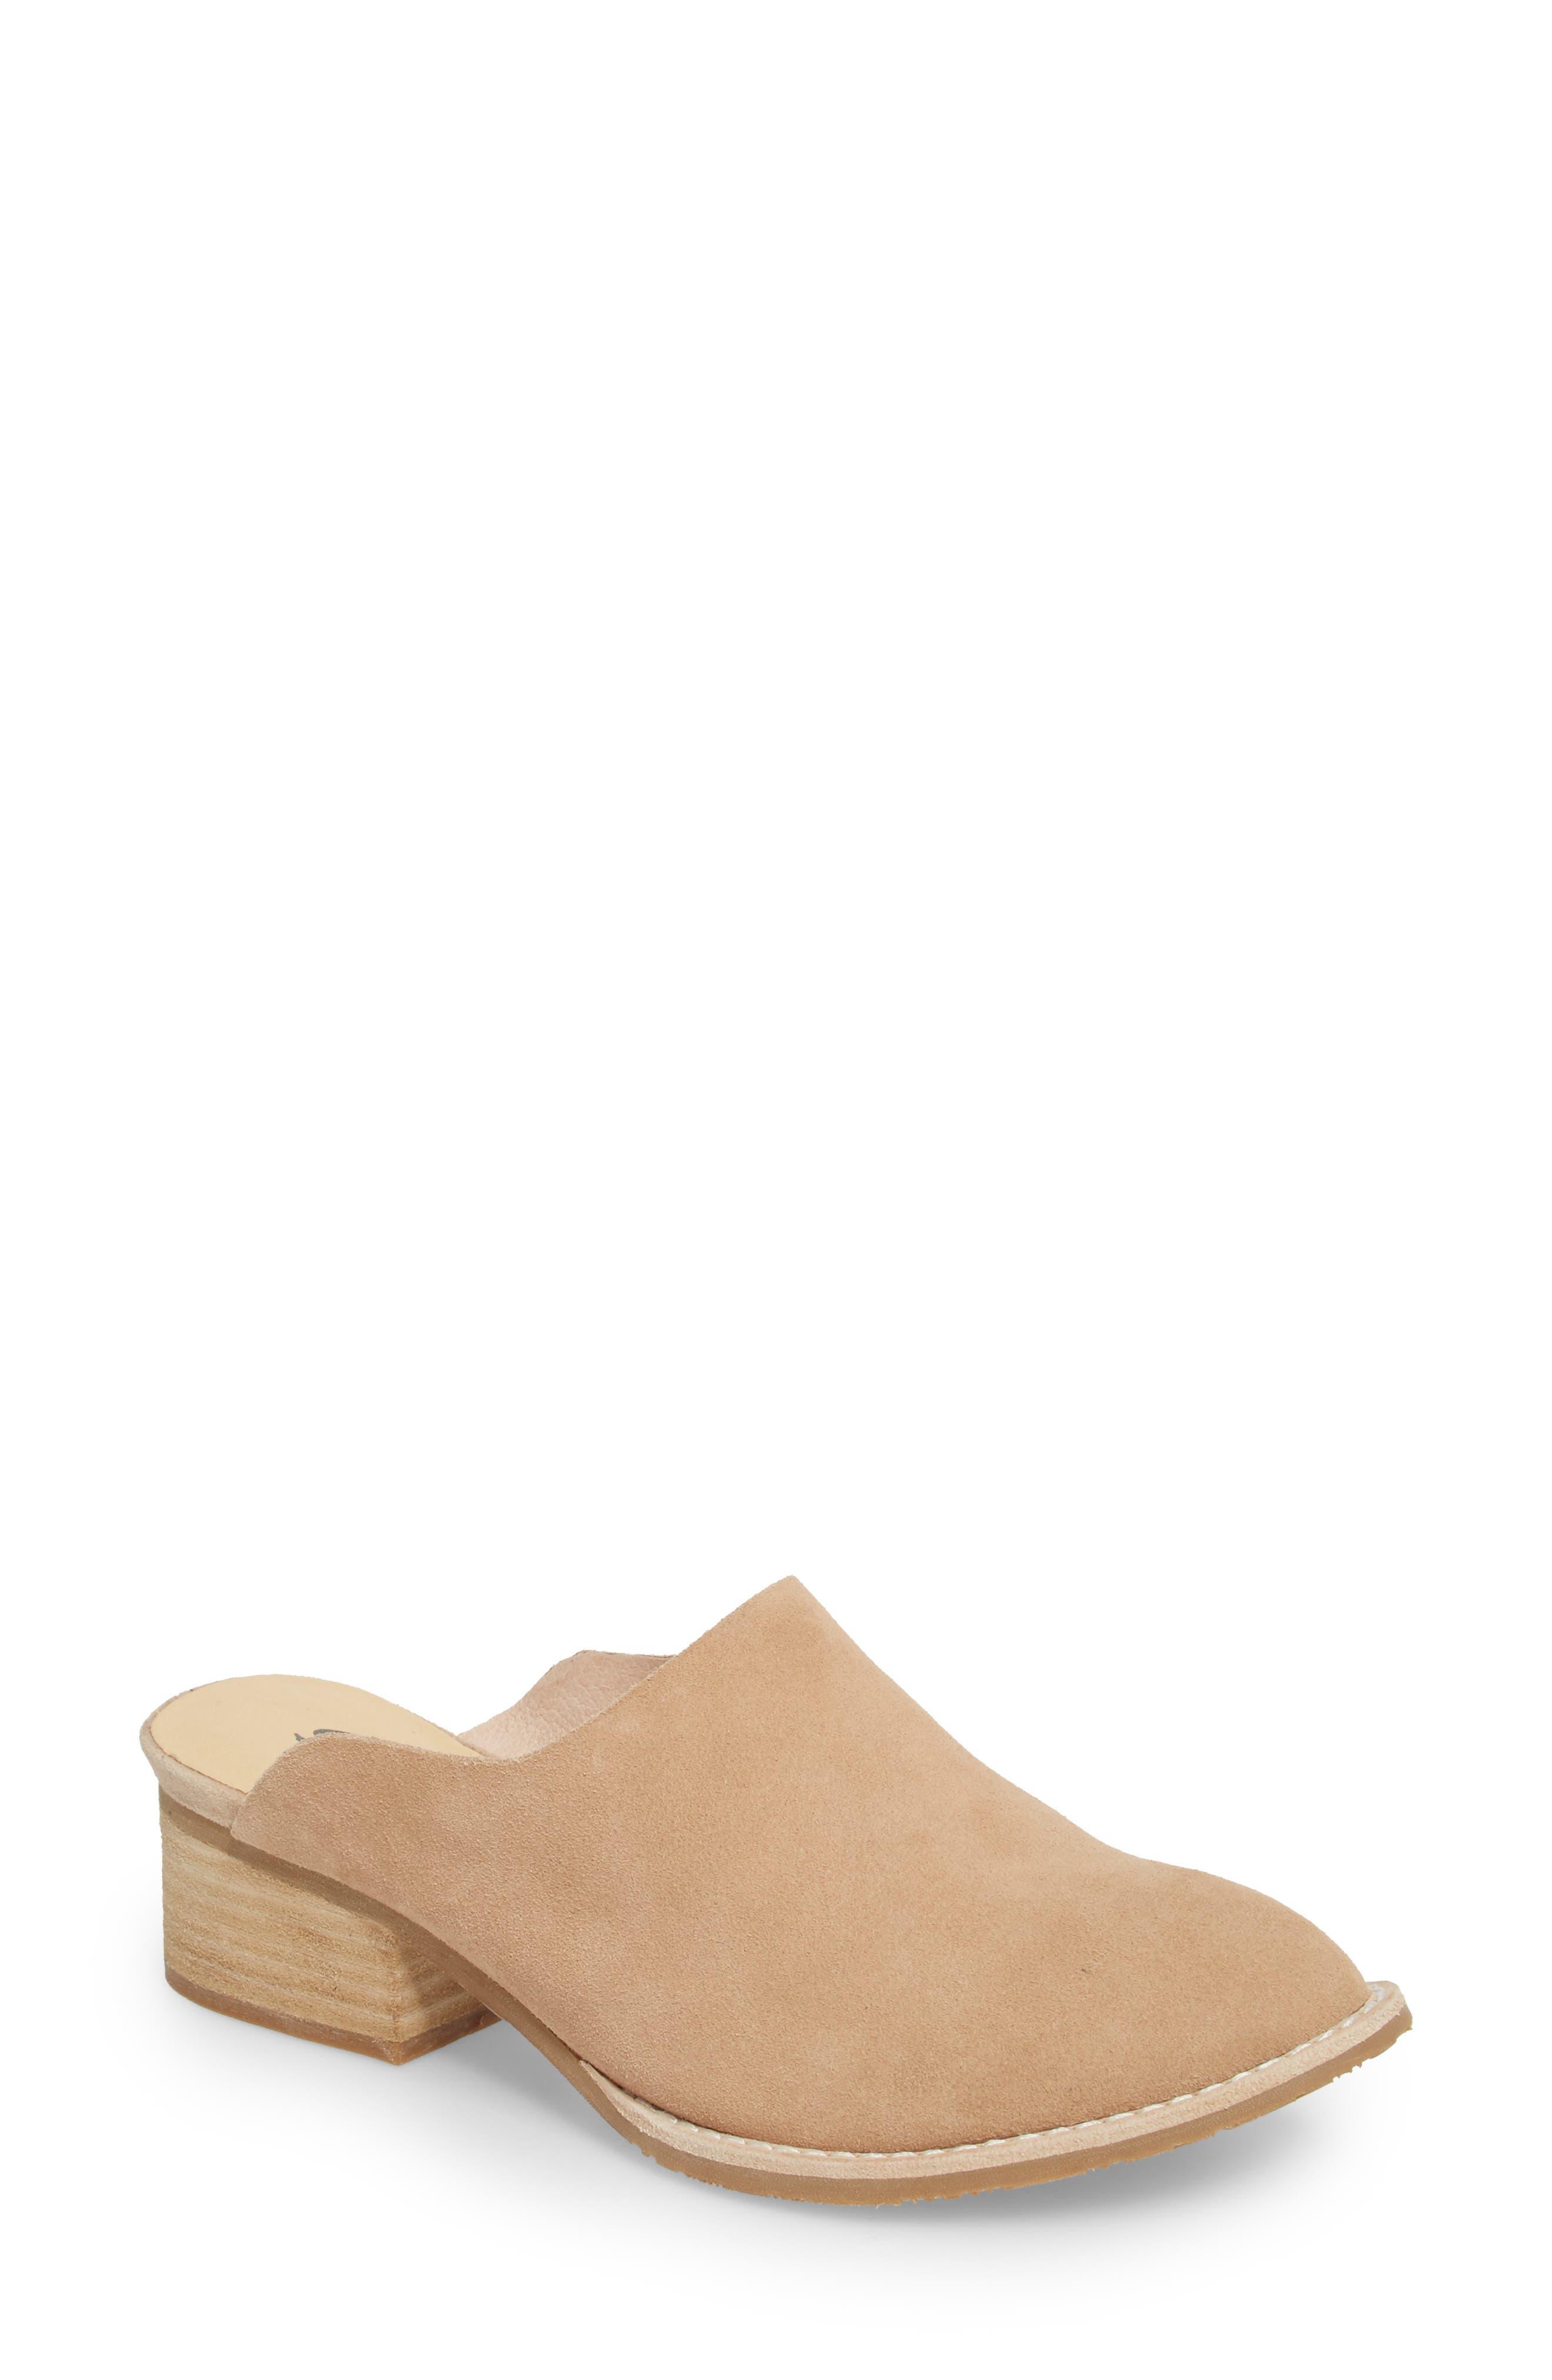 Salem Contoured Mule,                         Main,                         color, Beige Suede/ Leather